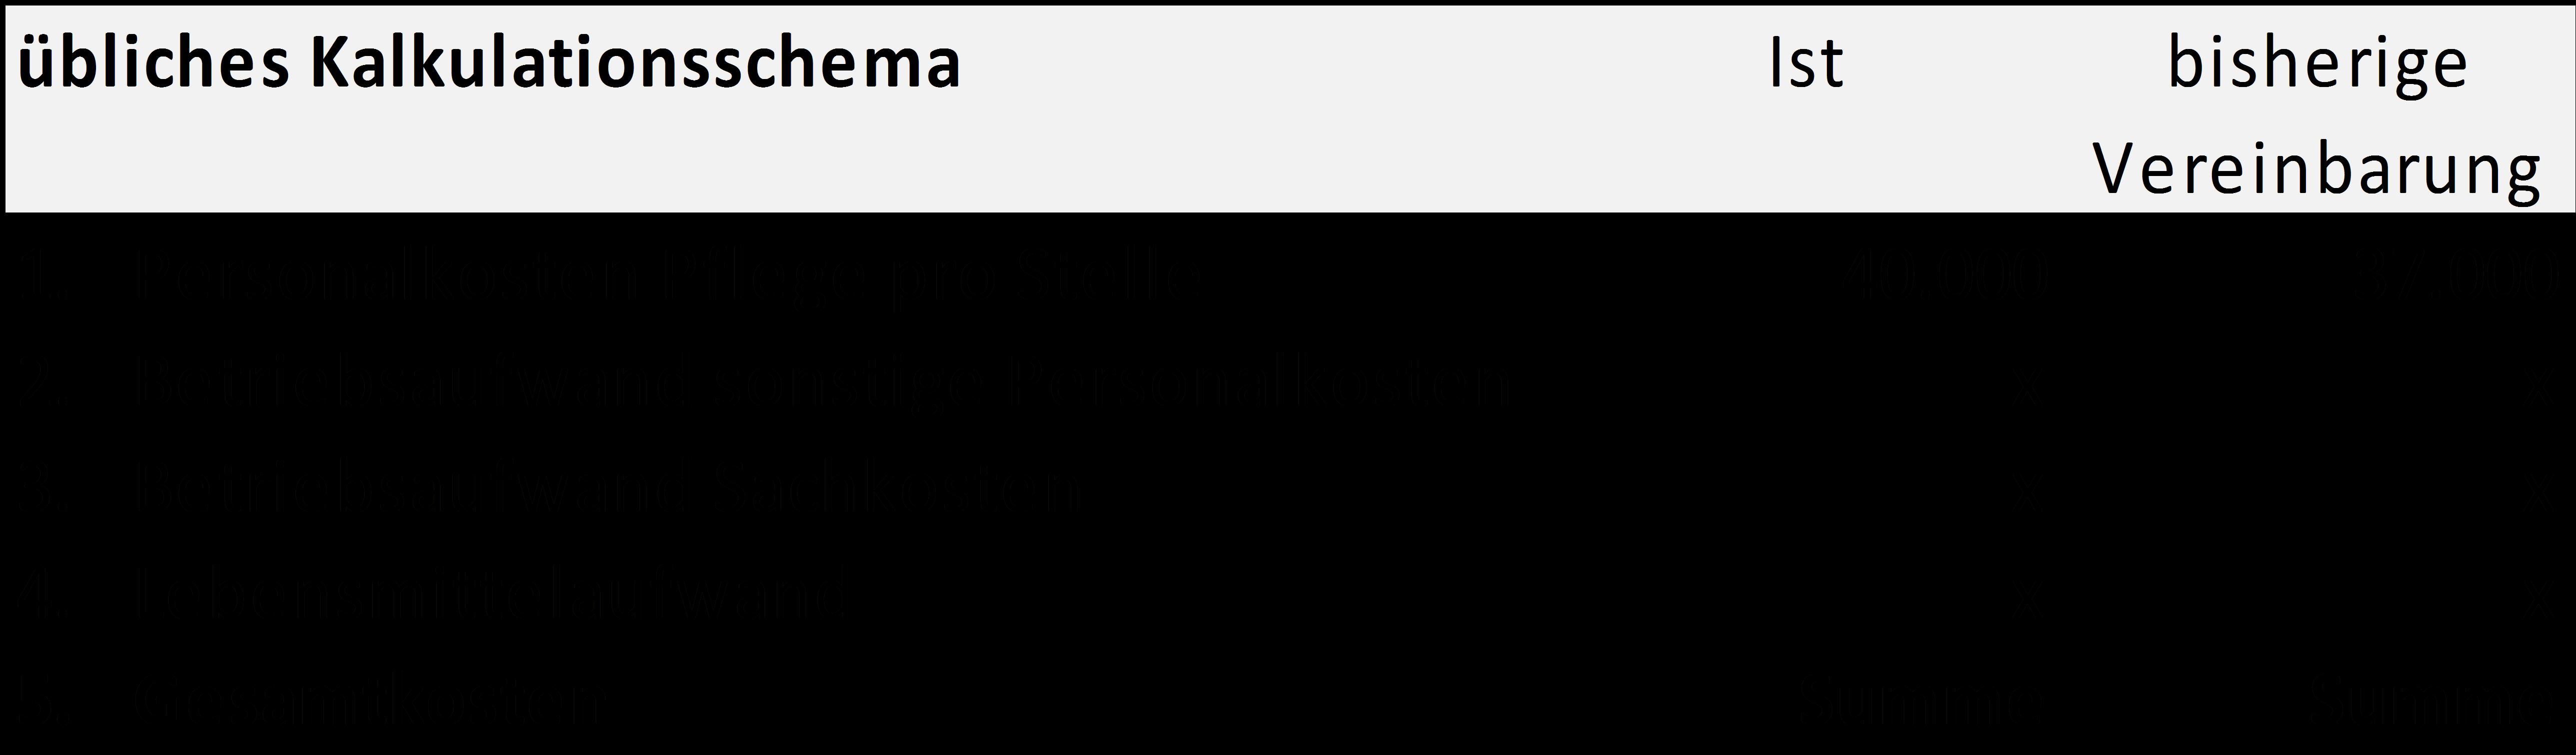 Kalkulationsschema